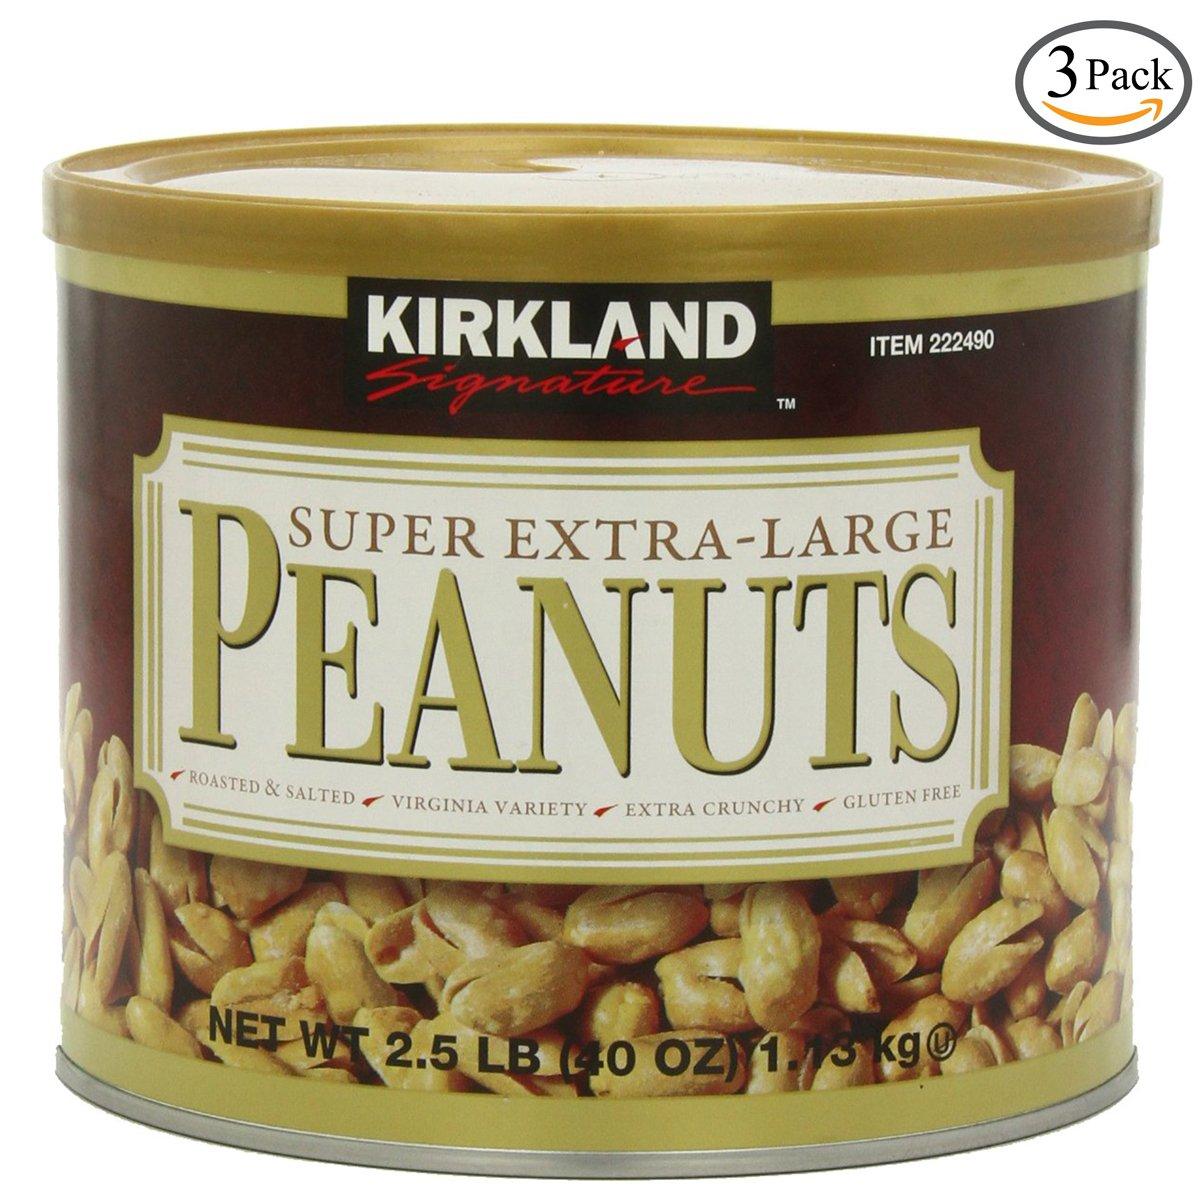 Kirkland Signature Super XL VA Peanuts, 40 Ounce, 2 Pack